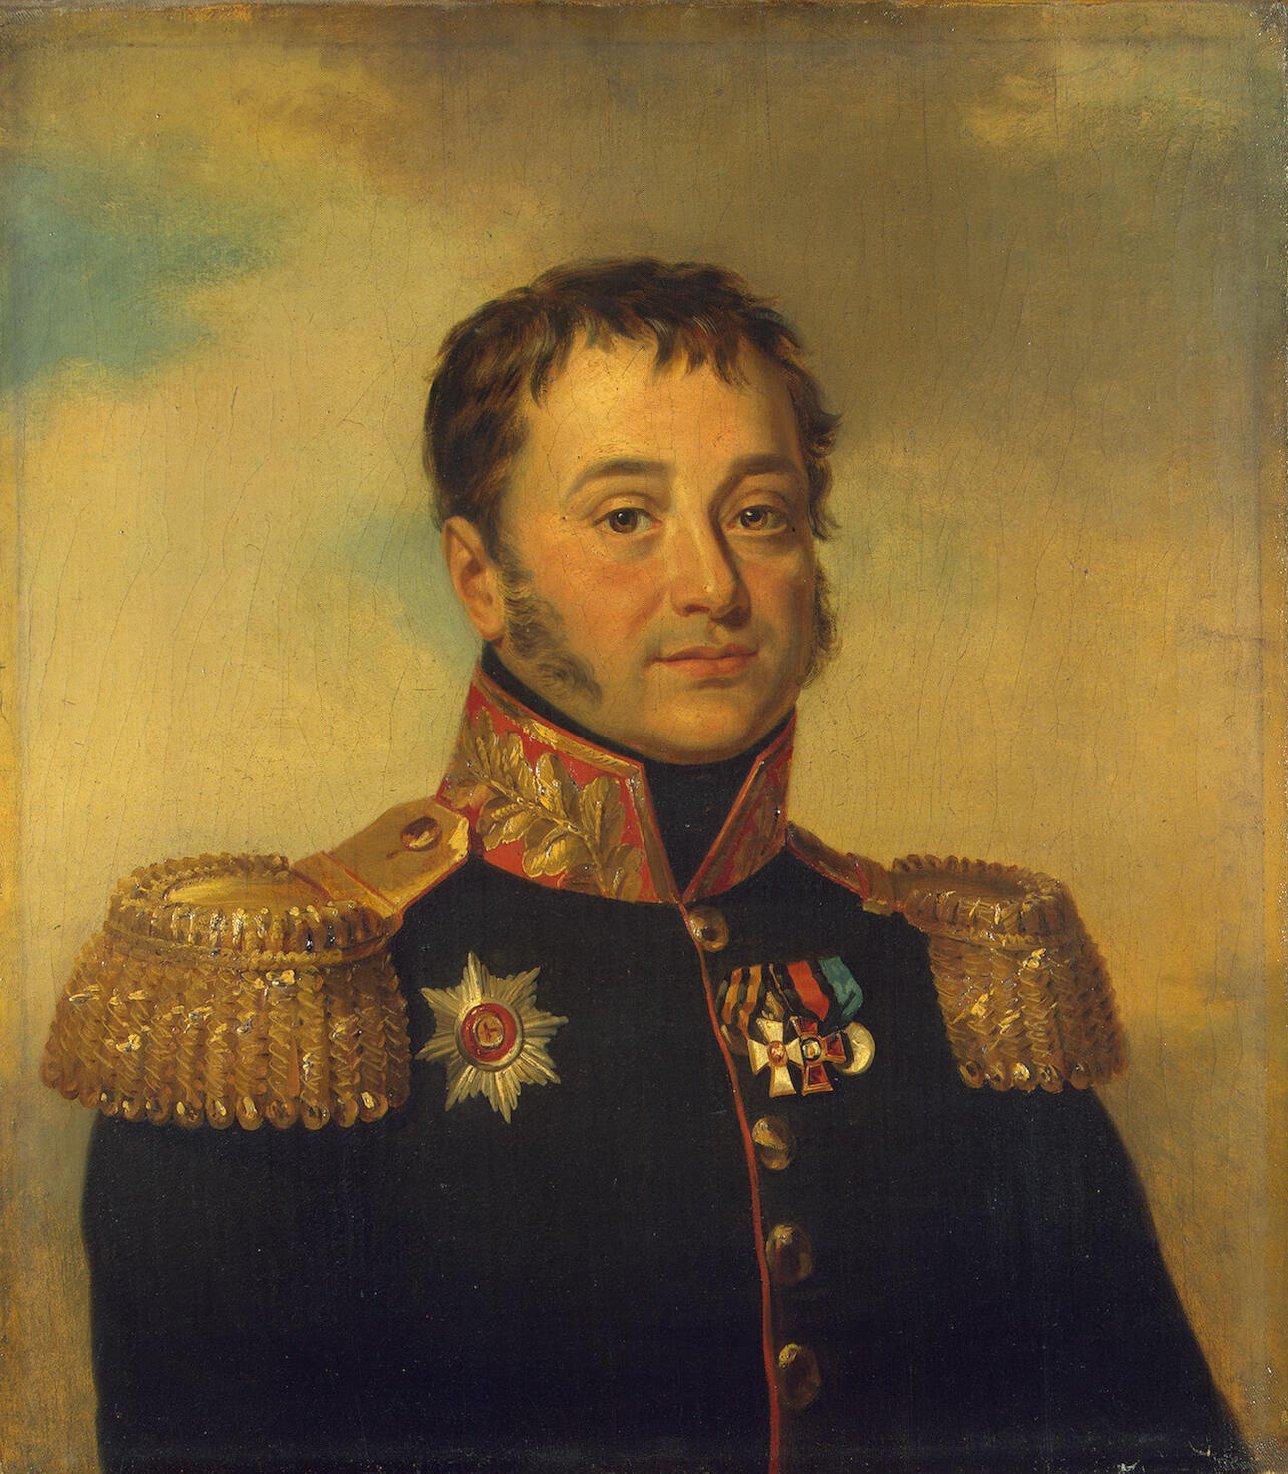 Денисьев, Пётр Васильевич